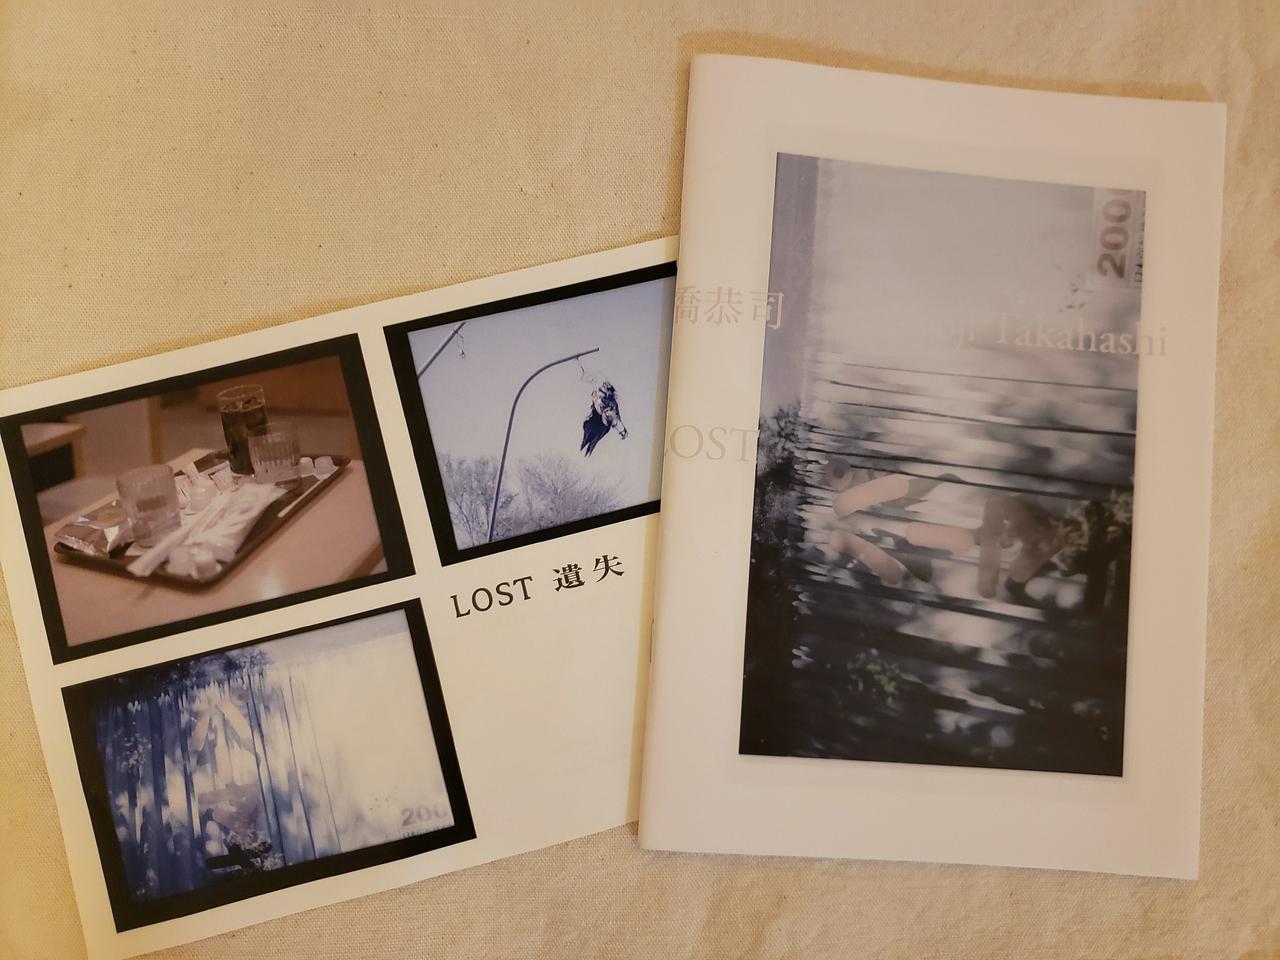 画像: フライヤーと写真集「LOST」 日本初のアートに特化したブックフェア「TOKYO ART BOOK FAIR 2019」にて先行発売された写真集「LOST」(amala books /A5版/48頁/250部限定/ 定価2,000円)も販売しています。